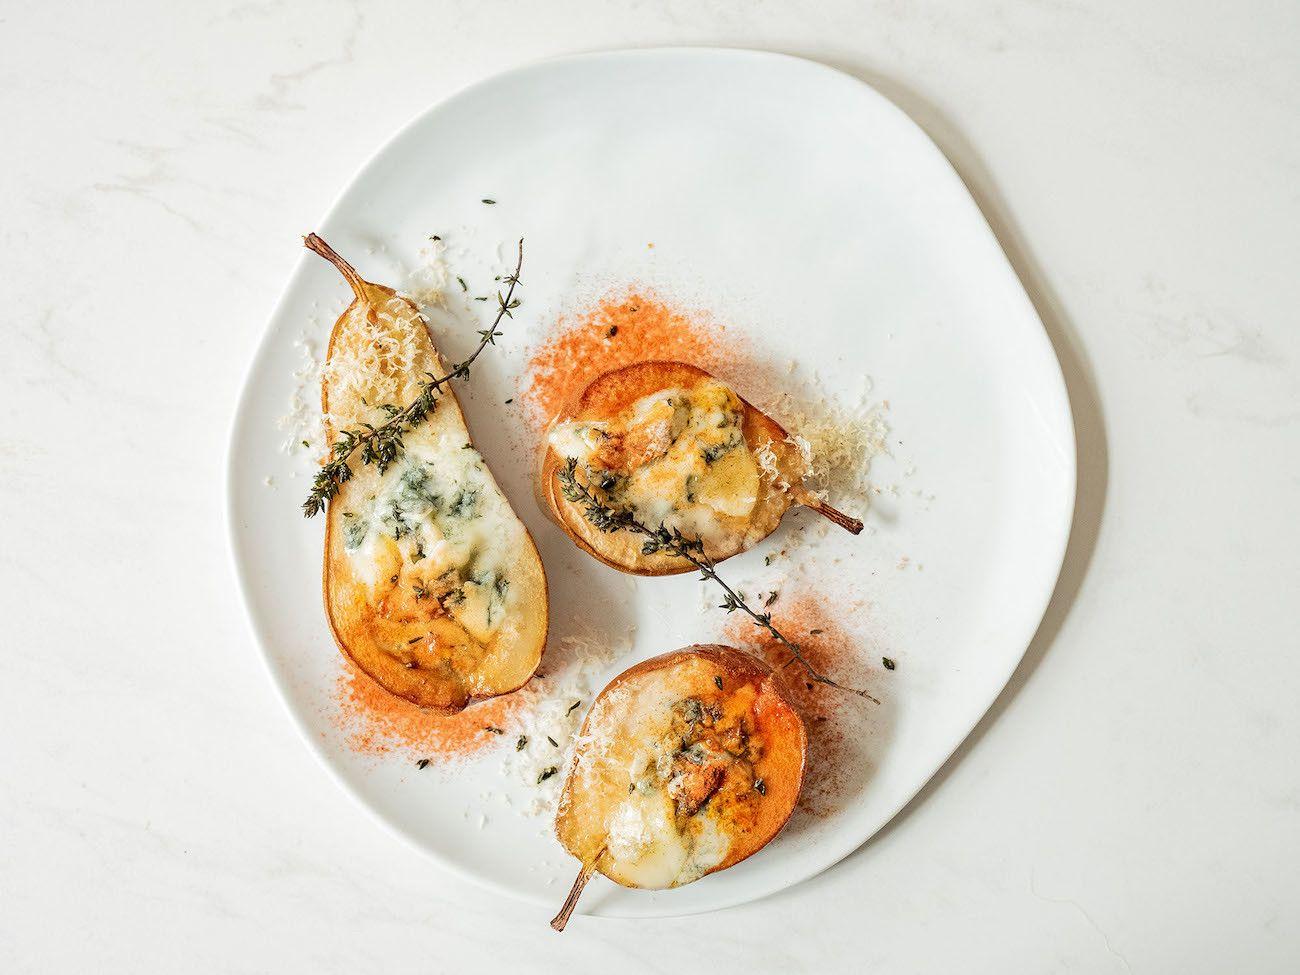 Birnenhälften mit Gorgonzola, Honig und Thymian, Teller, Käse